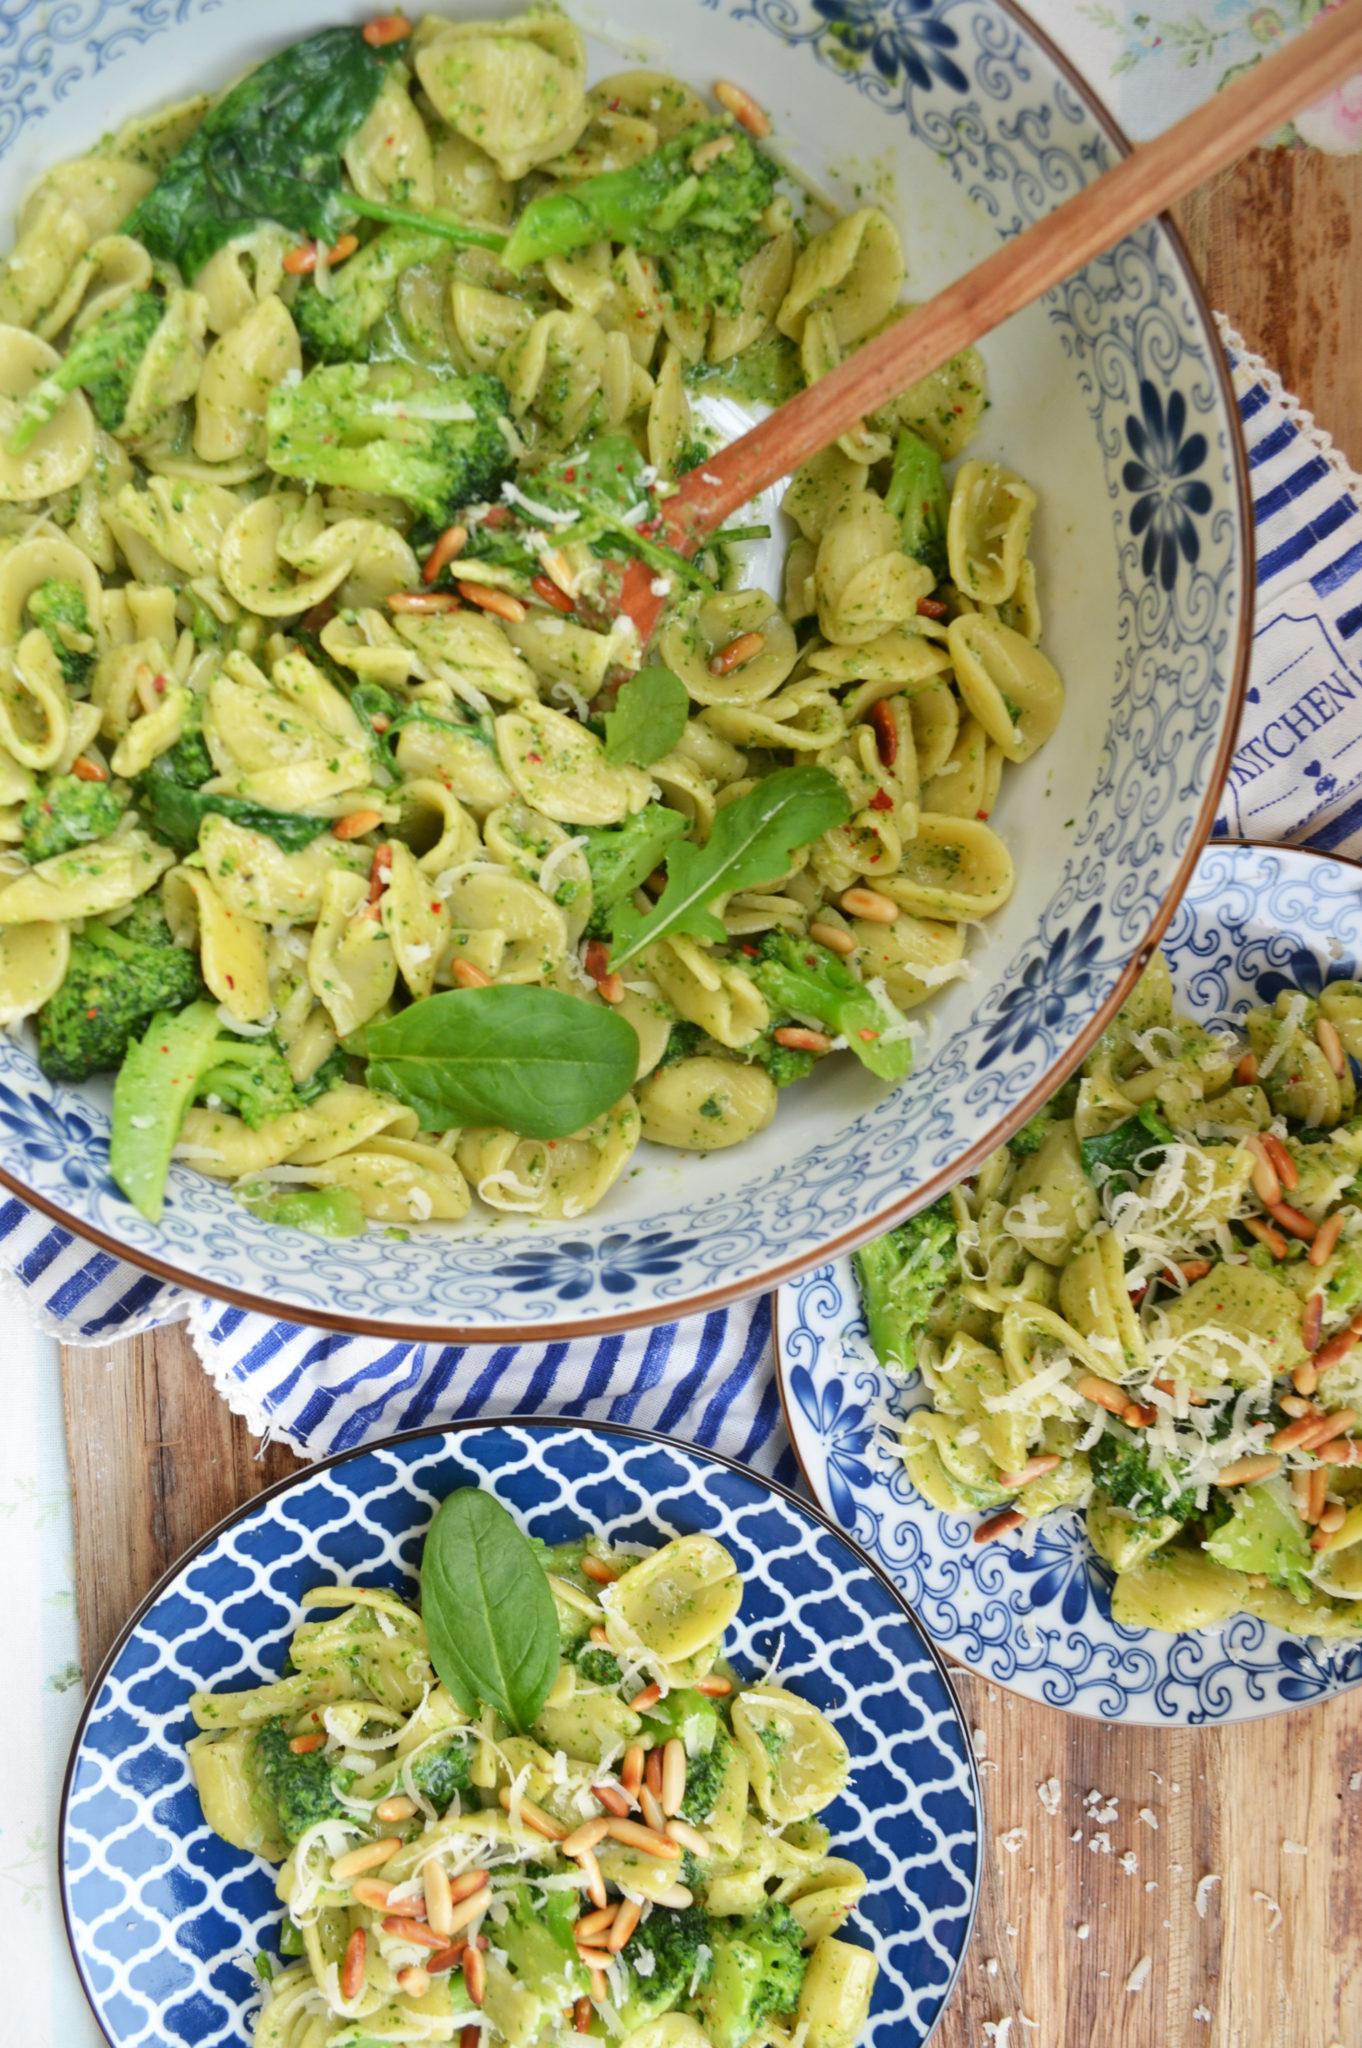 Schnell aufgetischt! Brokkoli-Basilikum-Pasta